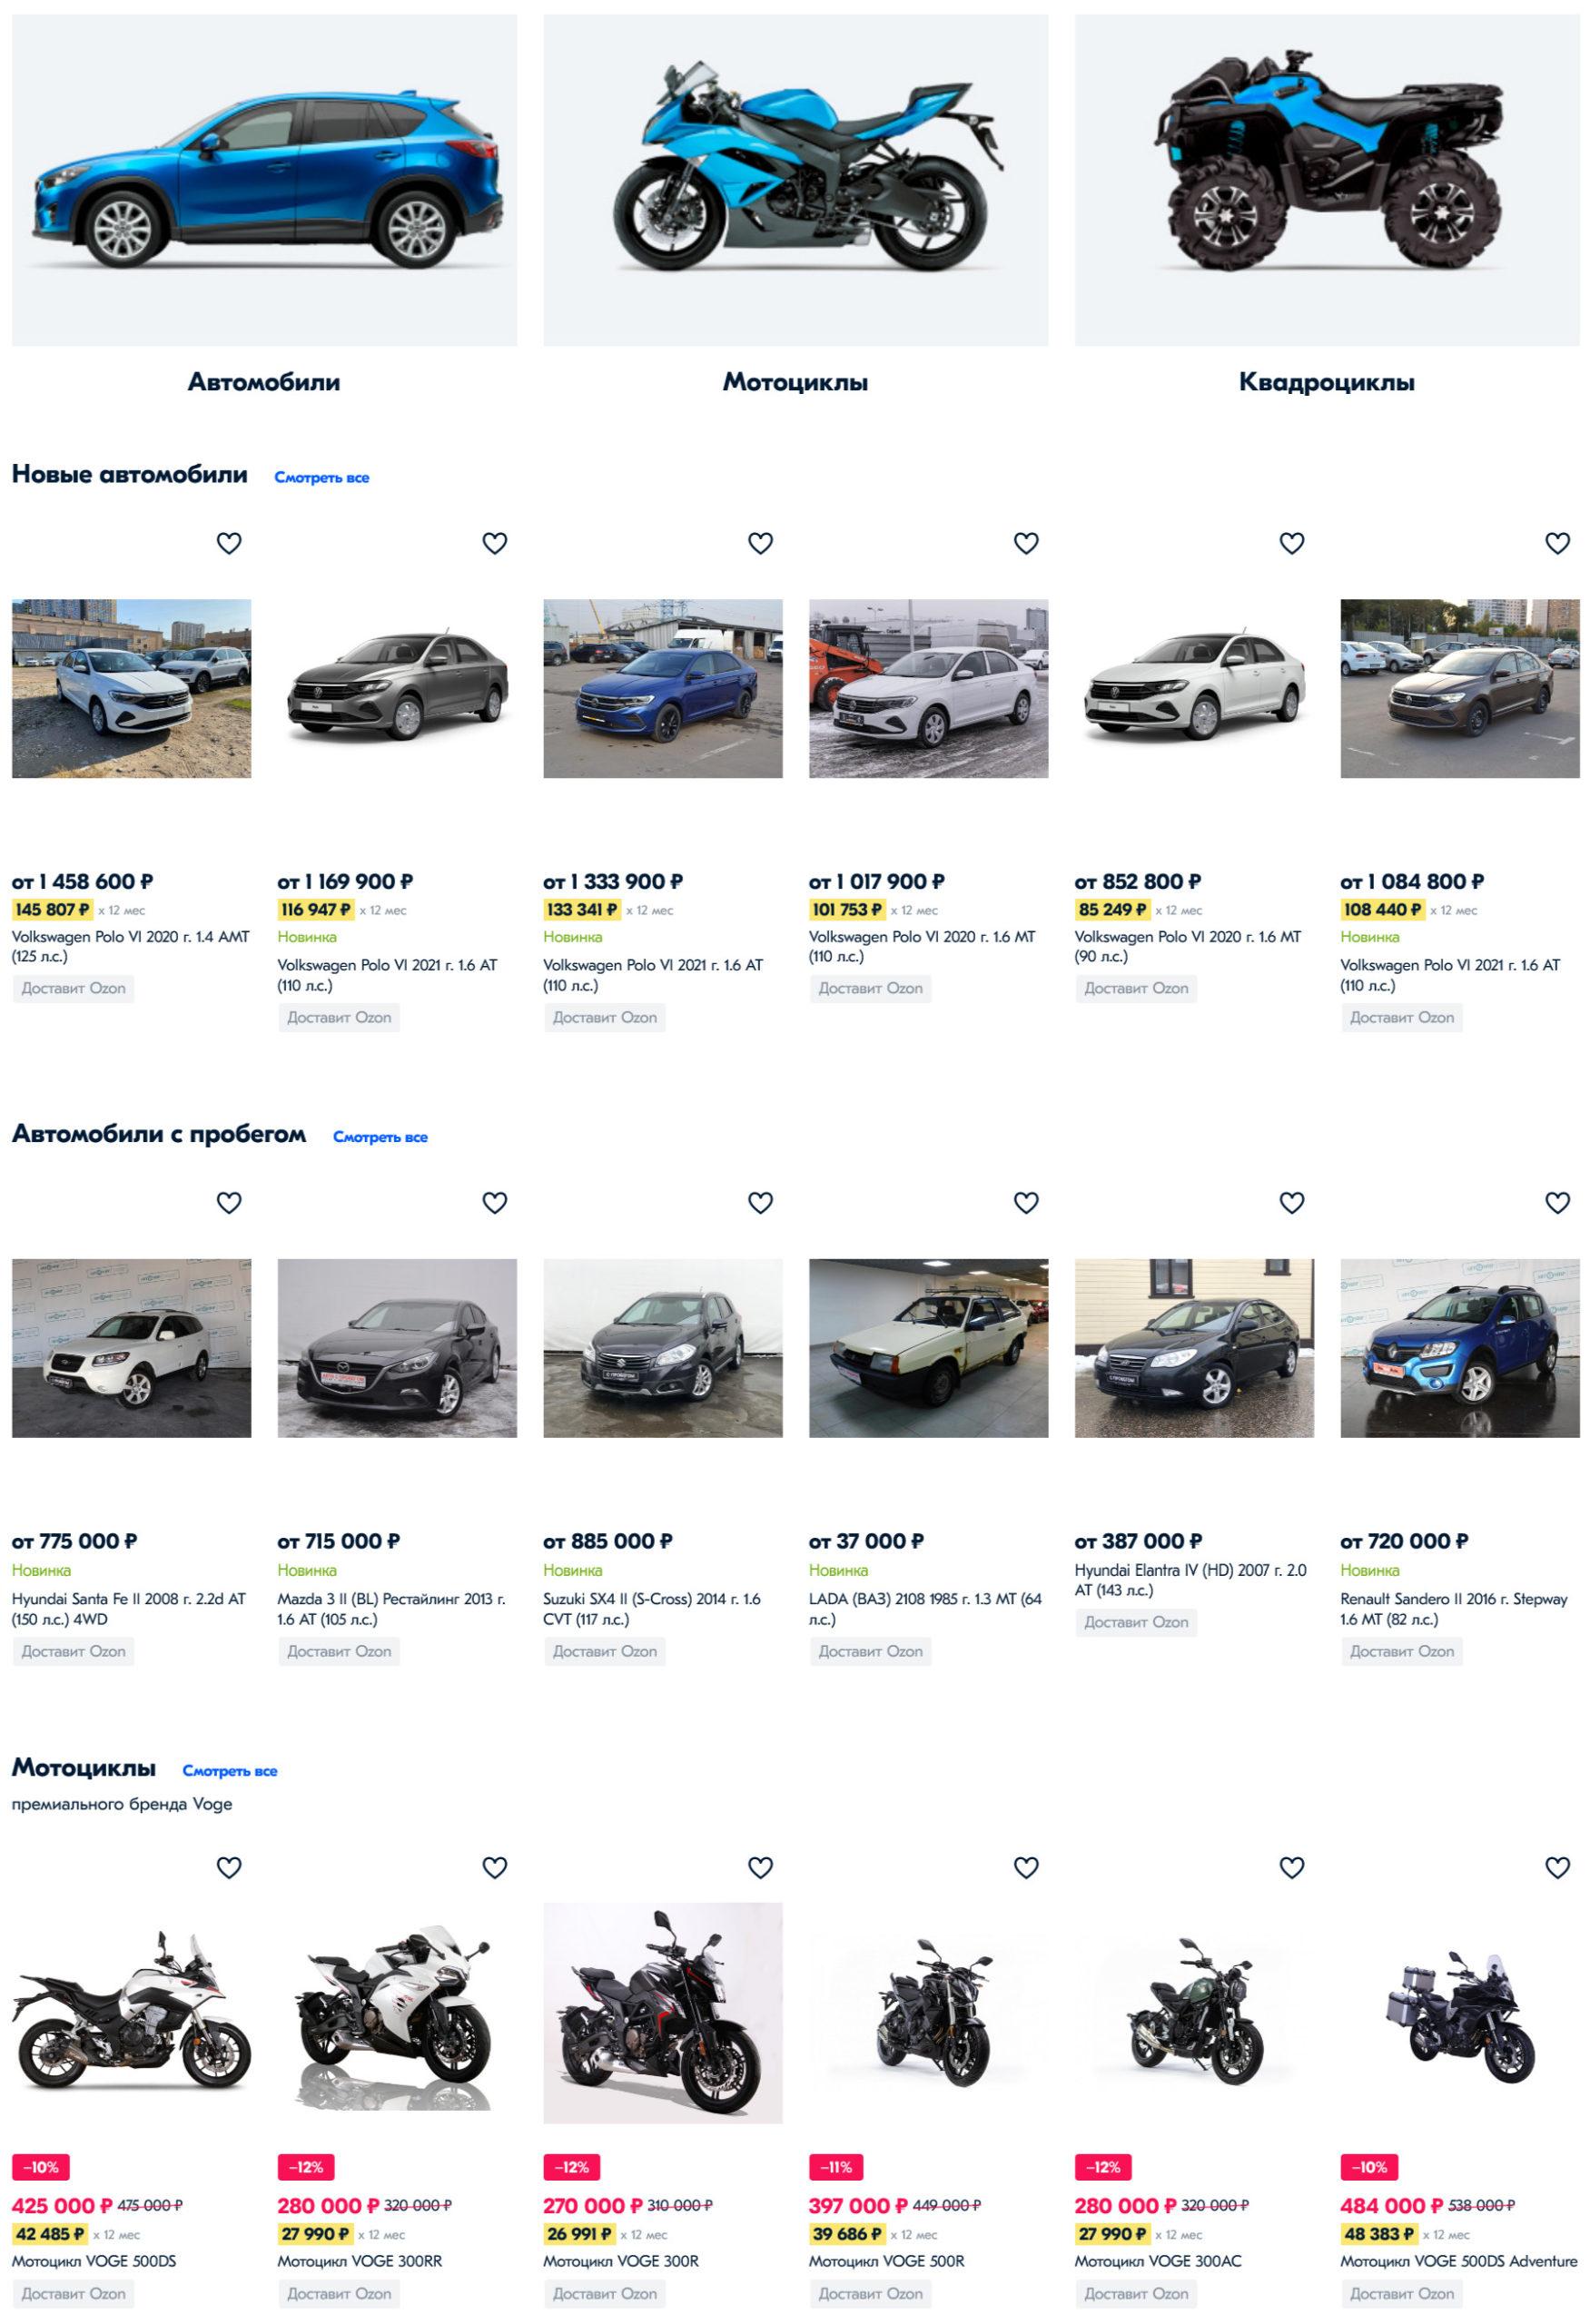 Автомобили и мототехника